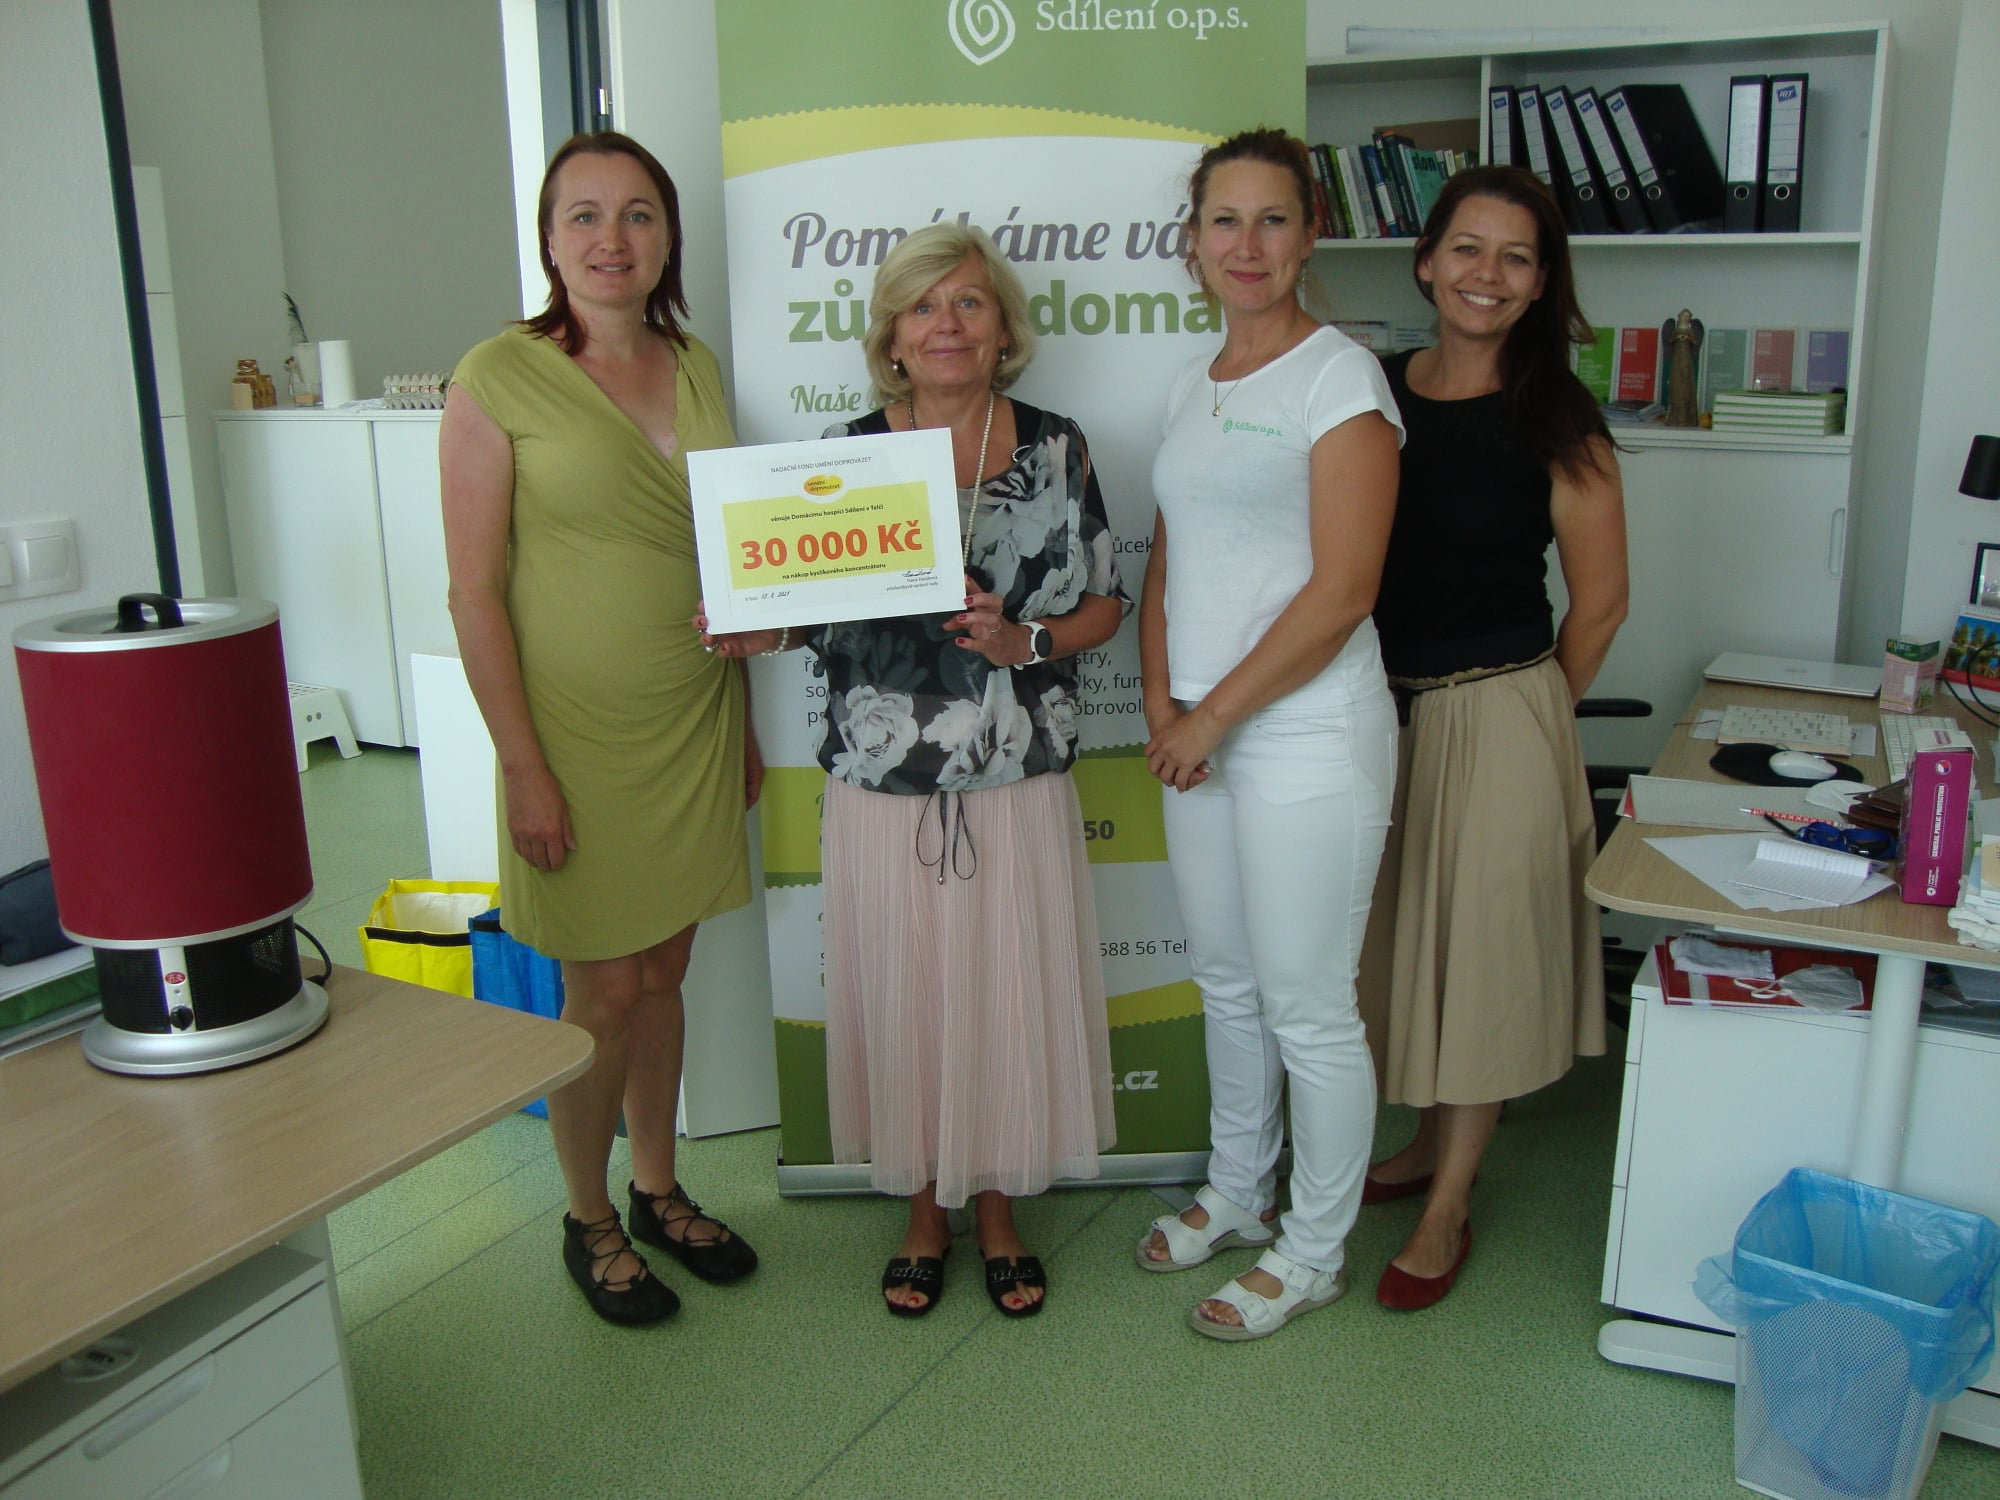 Domácí hospic Sdílení v Telči od nás získal 30 tisíc Kč na nákup silnějšího oxygenátoru